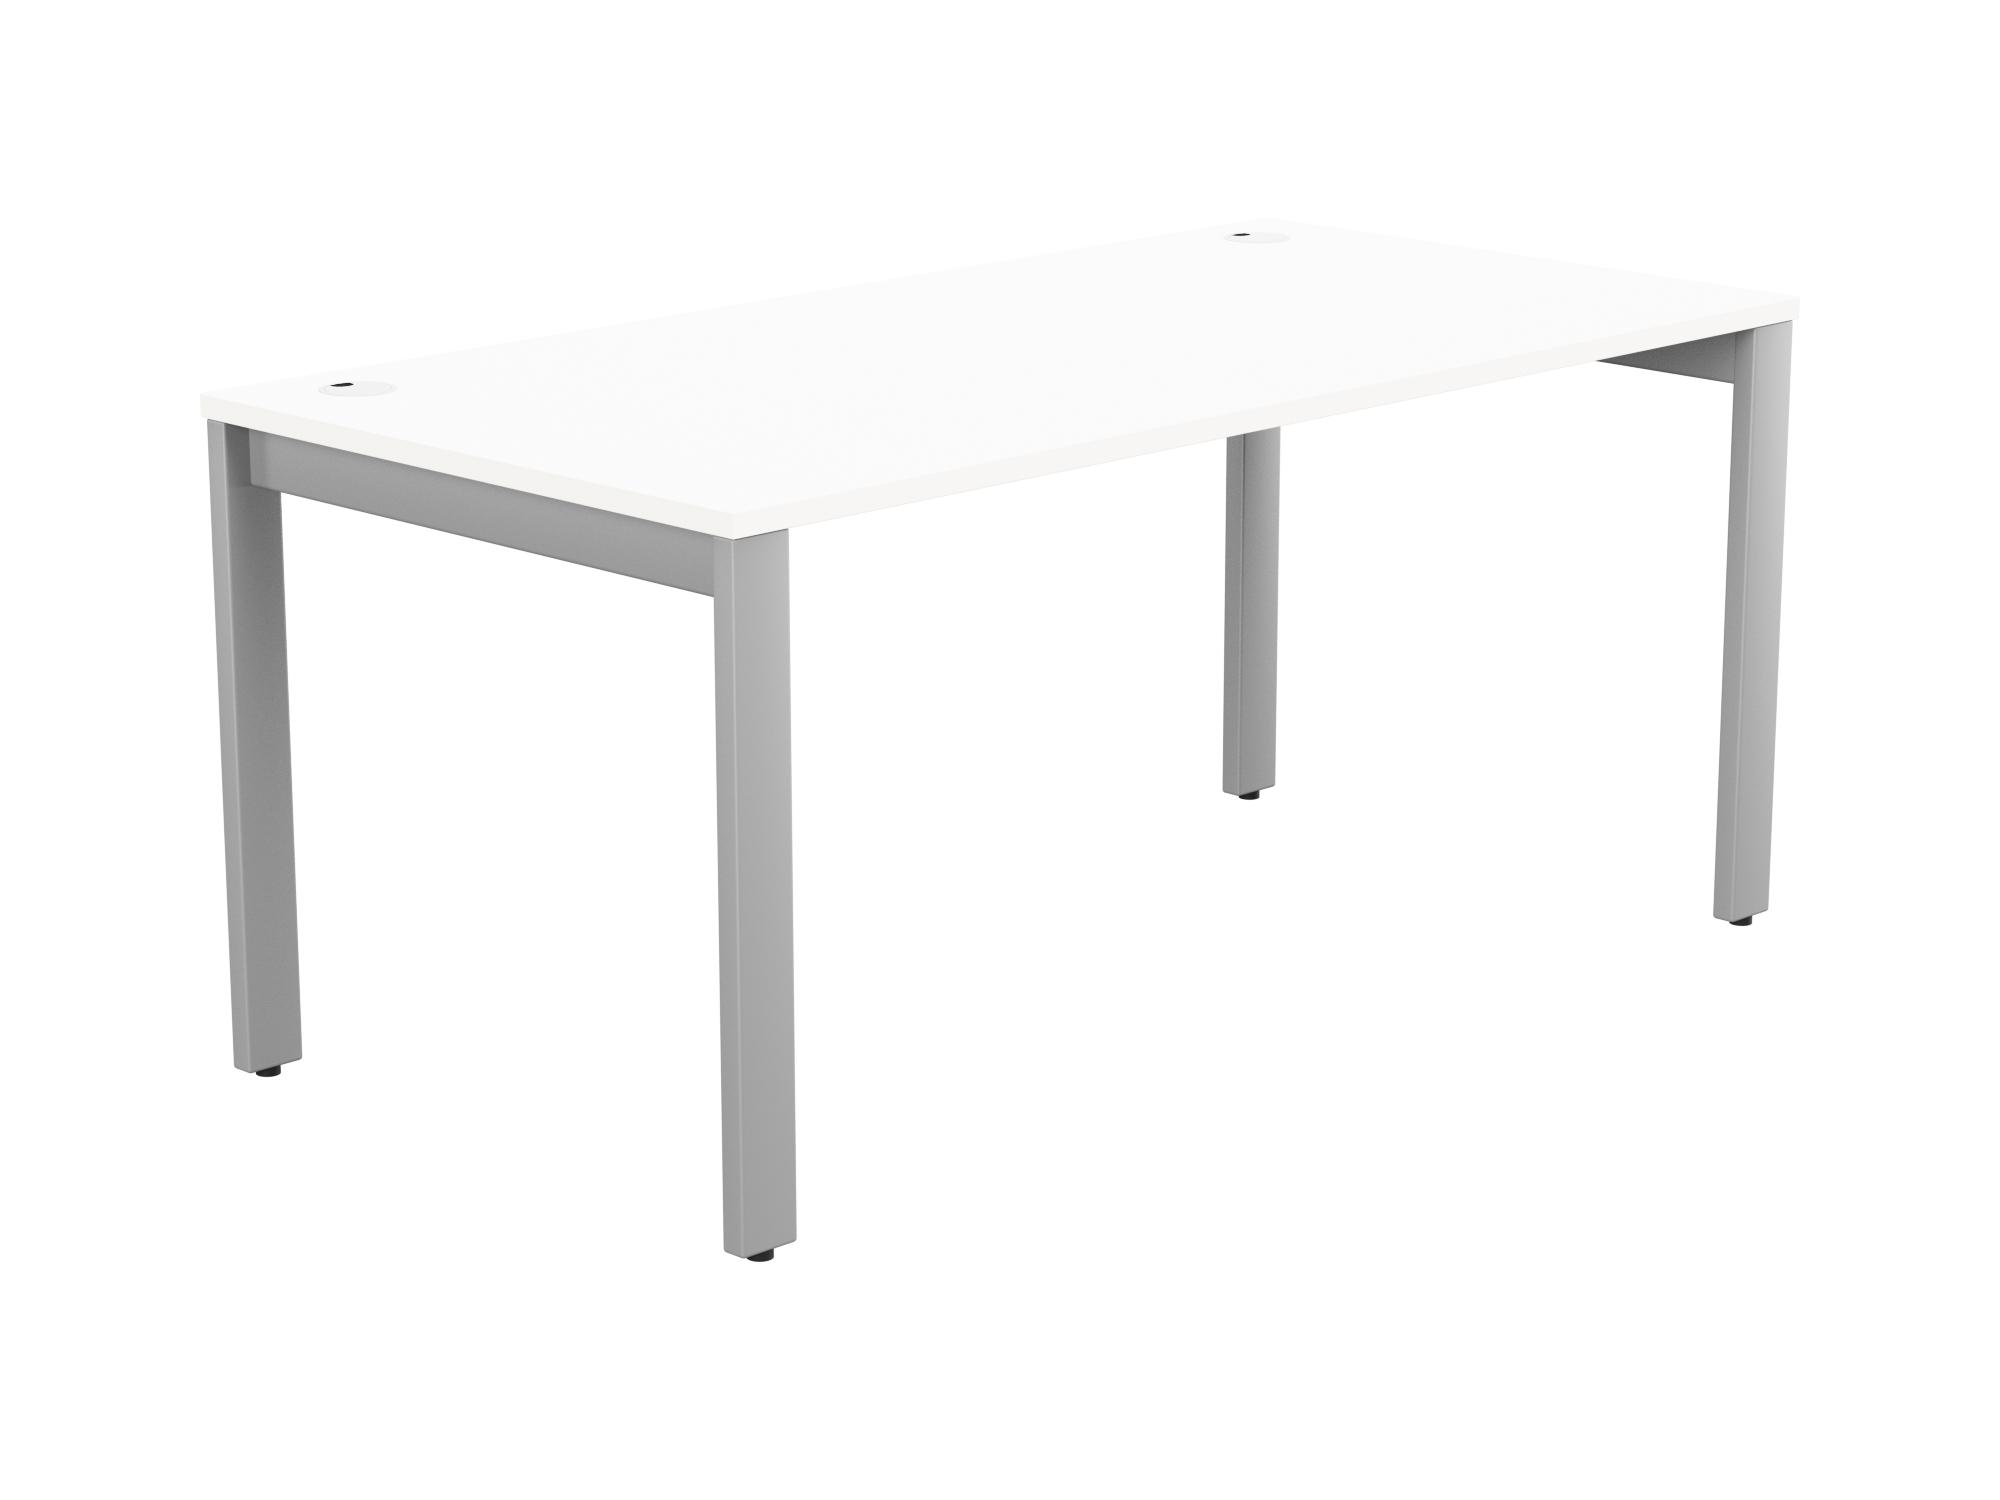 Switch 1 Person Bench Open Leg Portal Top 1600 x 800 - Silver Frame / White Top